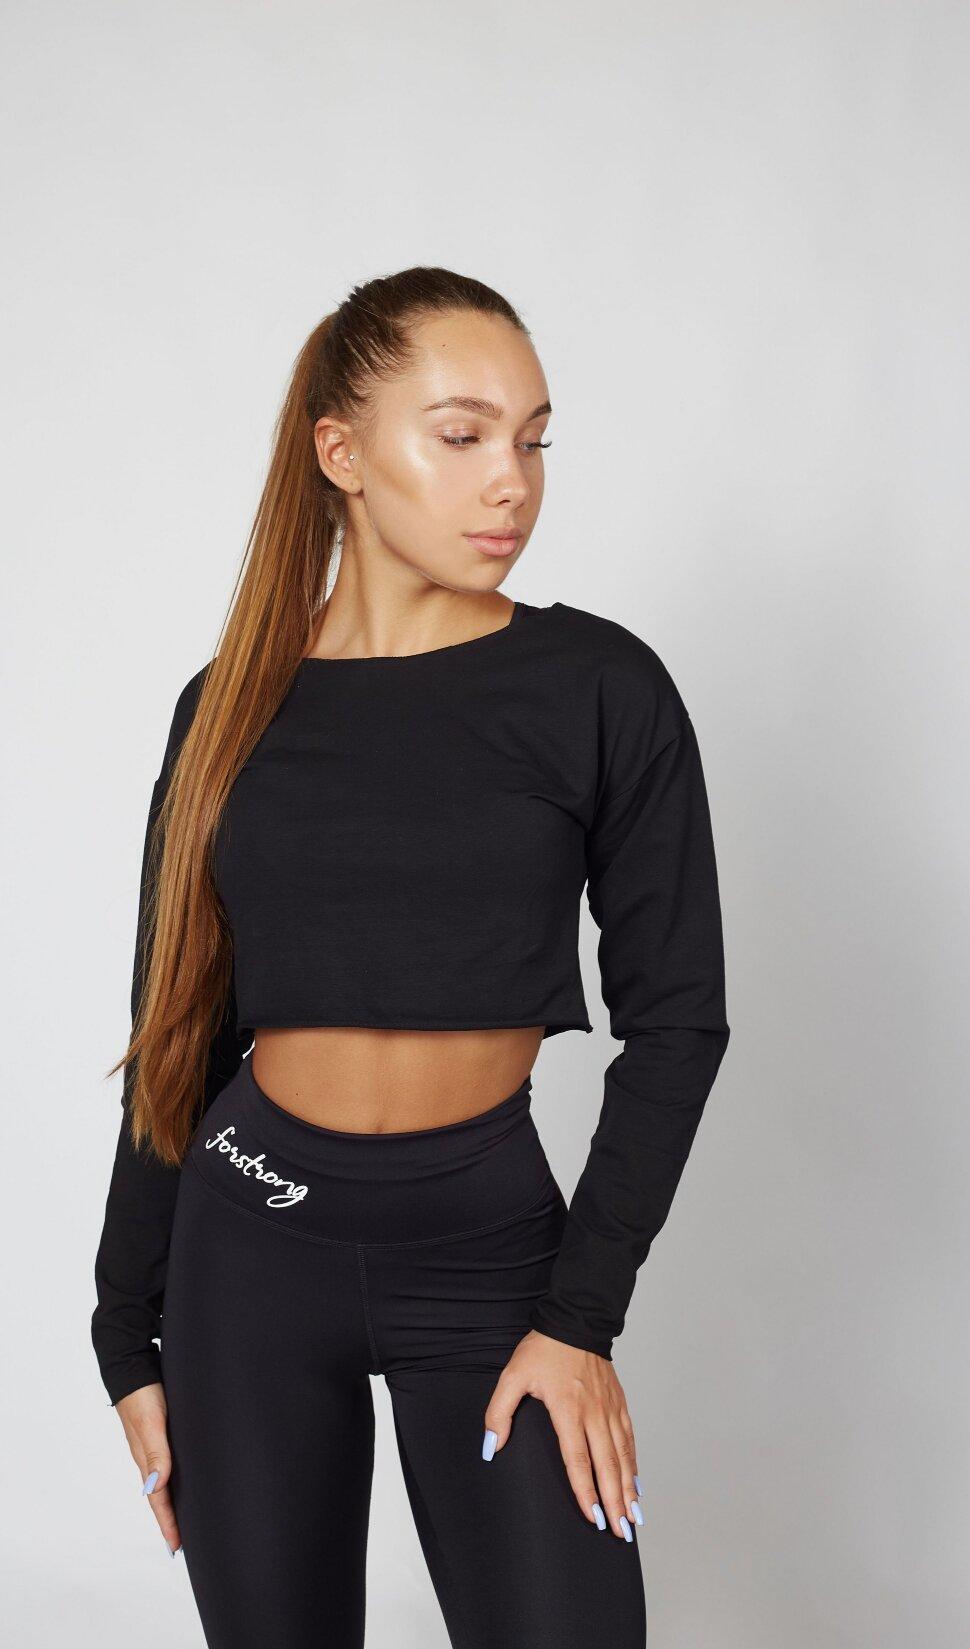 Черная спортивная толстовка Basic Hoodie для занятий спортом и повседневной носки